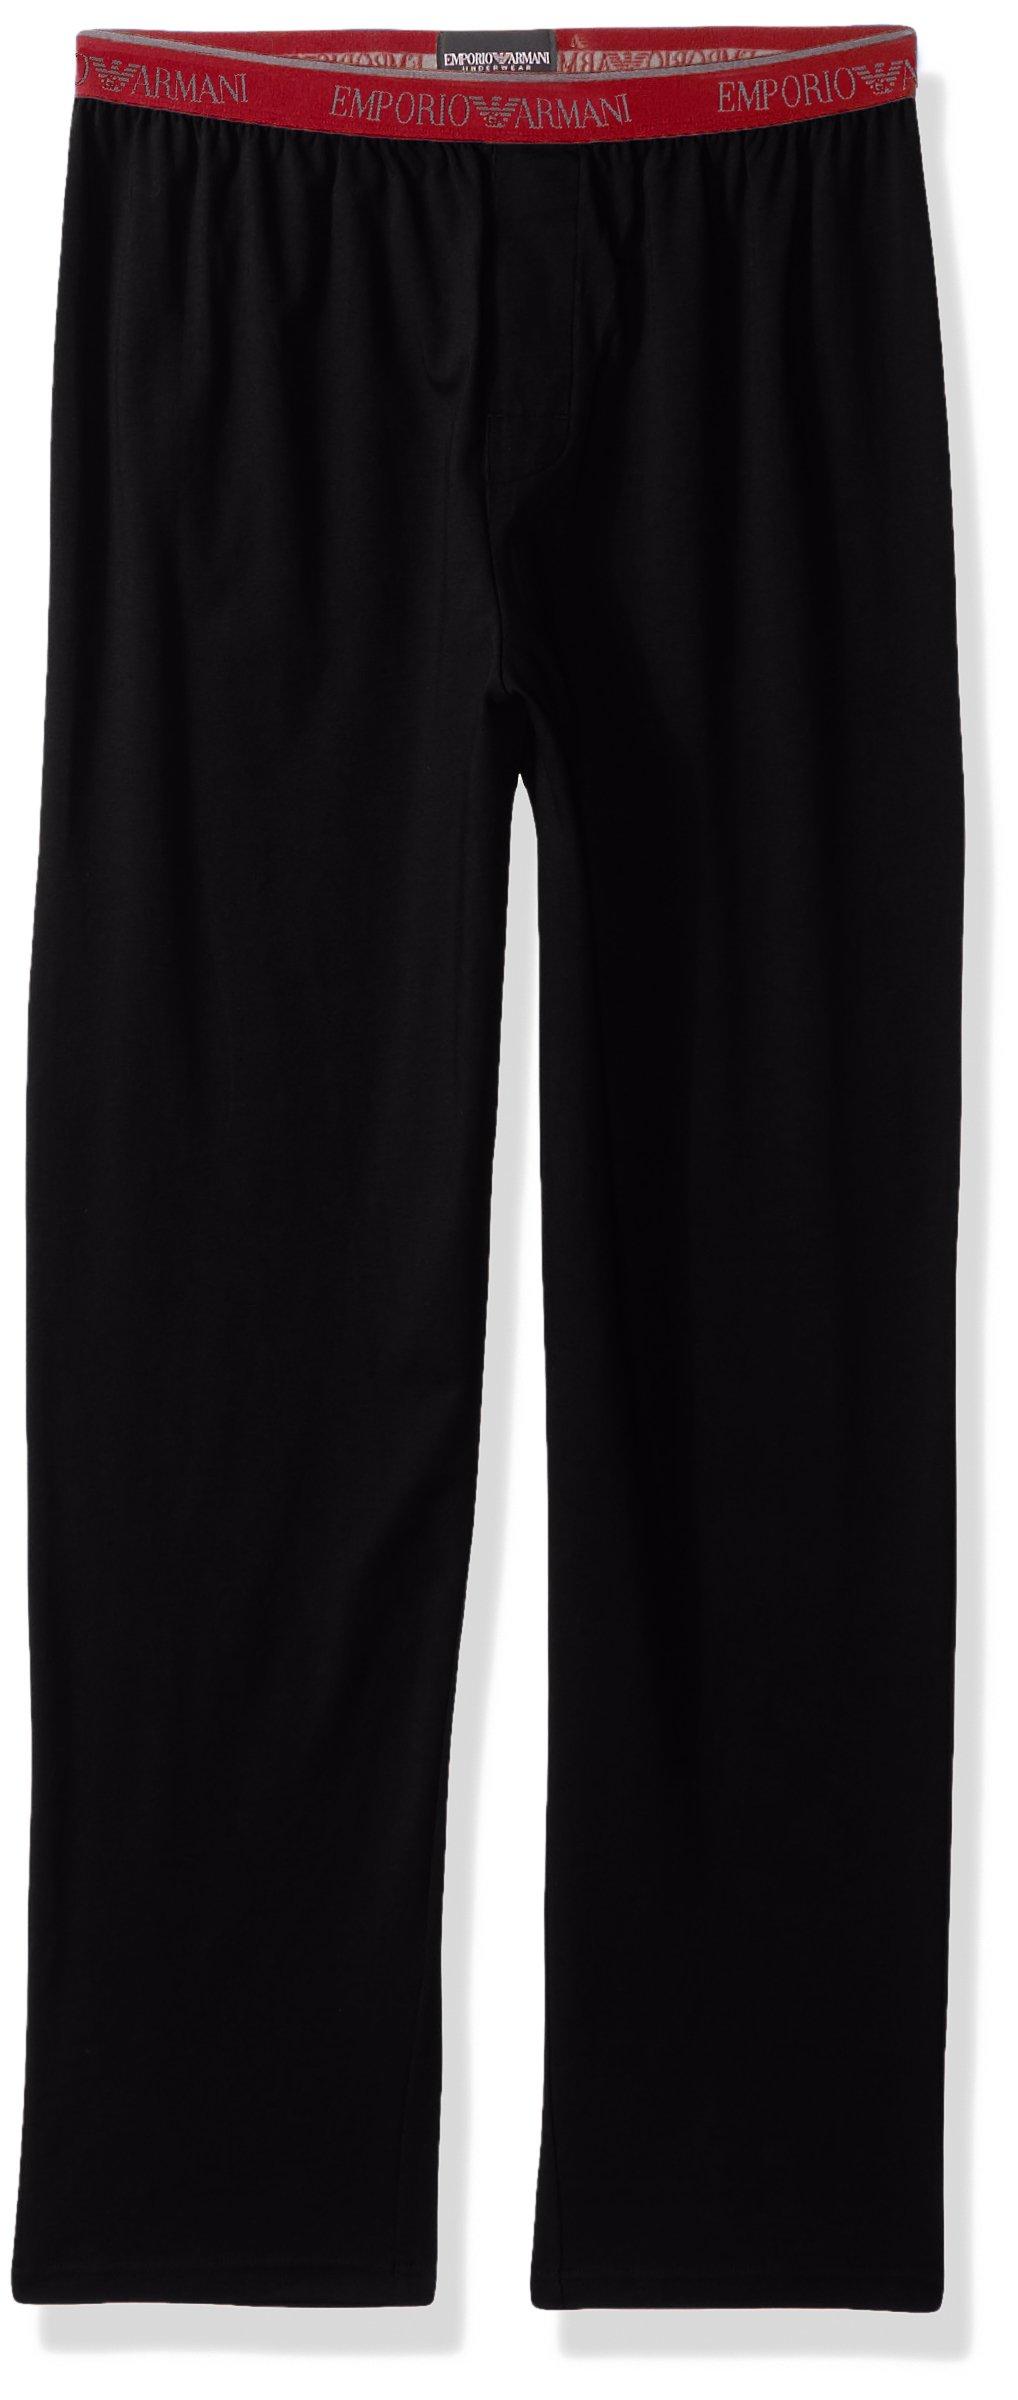 Emporio Armani Men's Stretch Cotton Multipack Trousers, Black, S